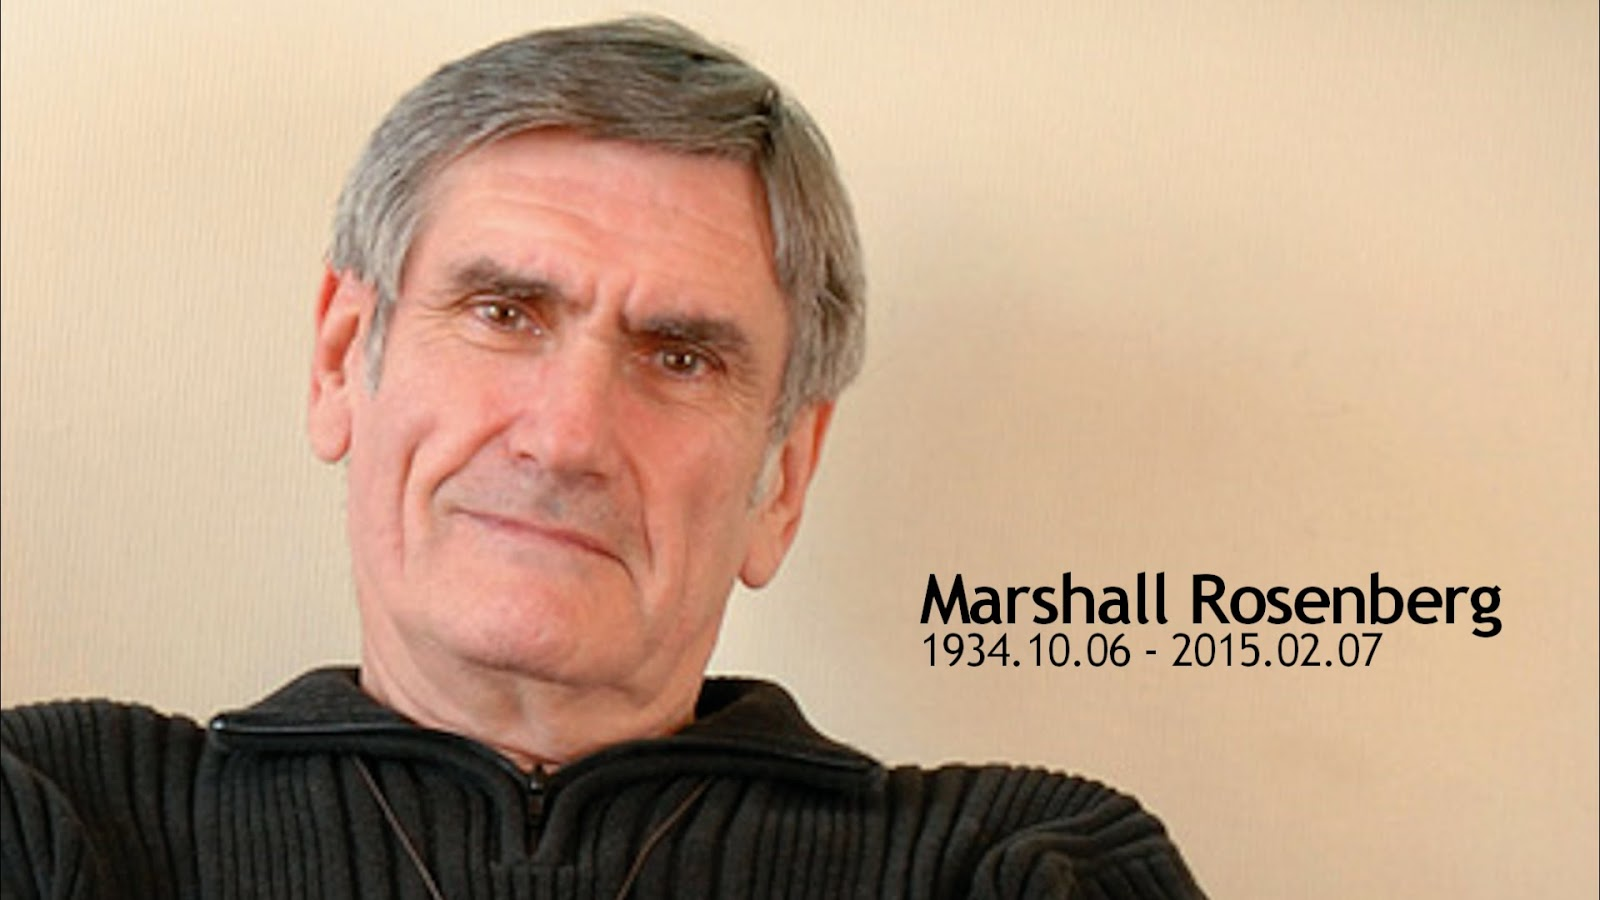 Smetto di leggere marshall b rosenberg le parole sono finestre oppure muri ed esserci - Le parole sono finestre oppure muri ...